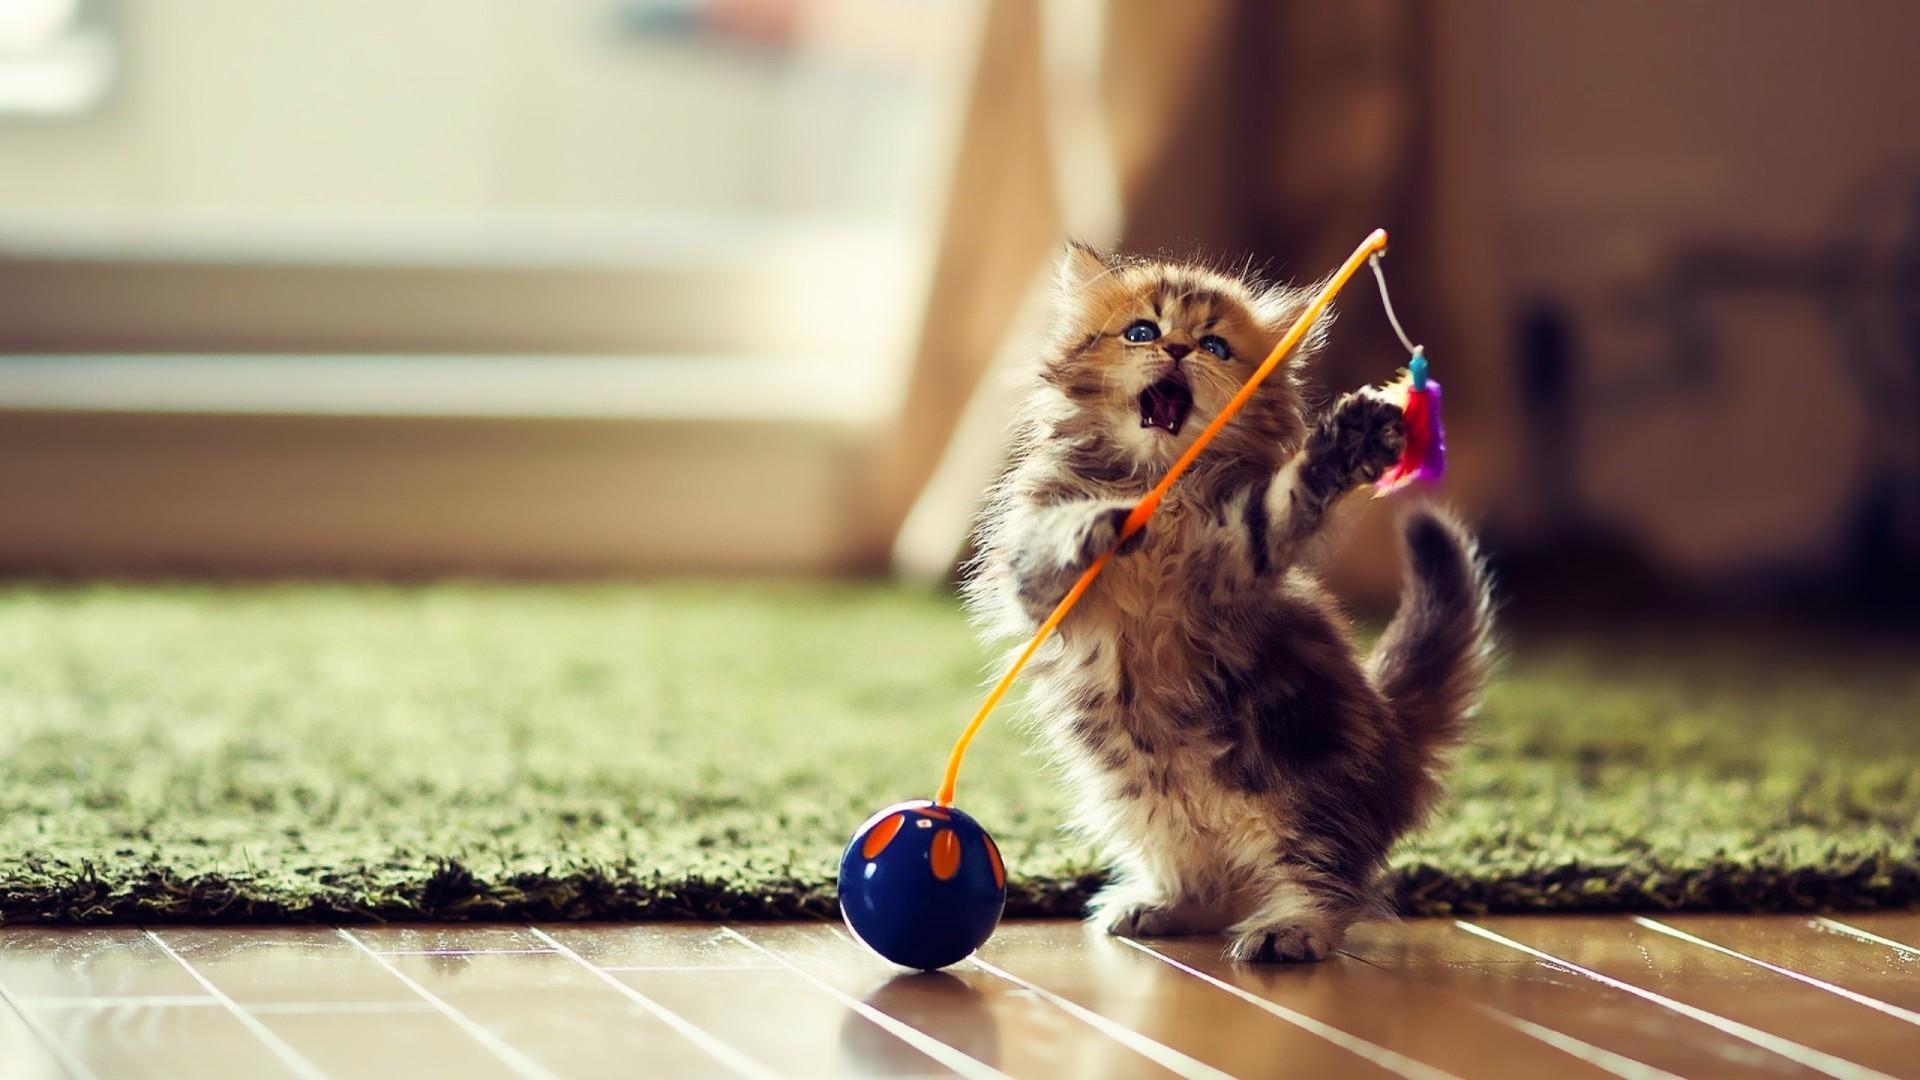 Cute playful kitten wallpaper